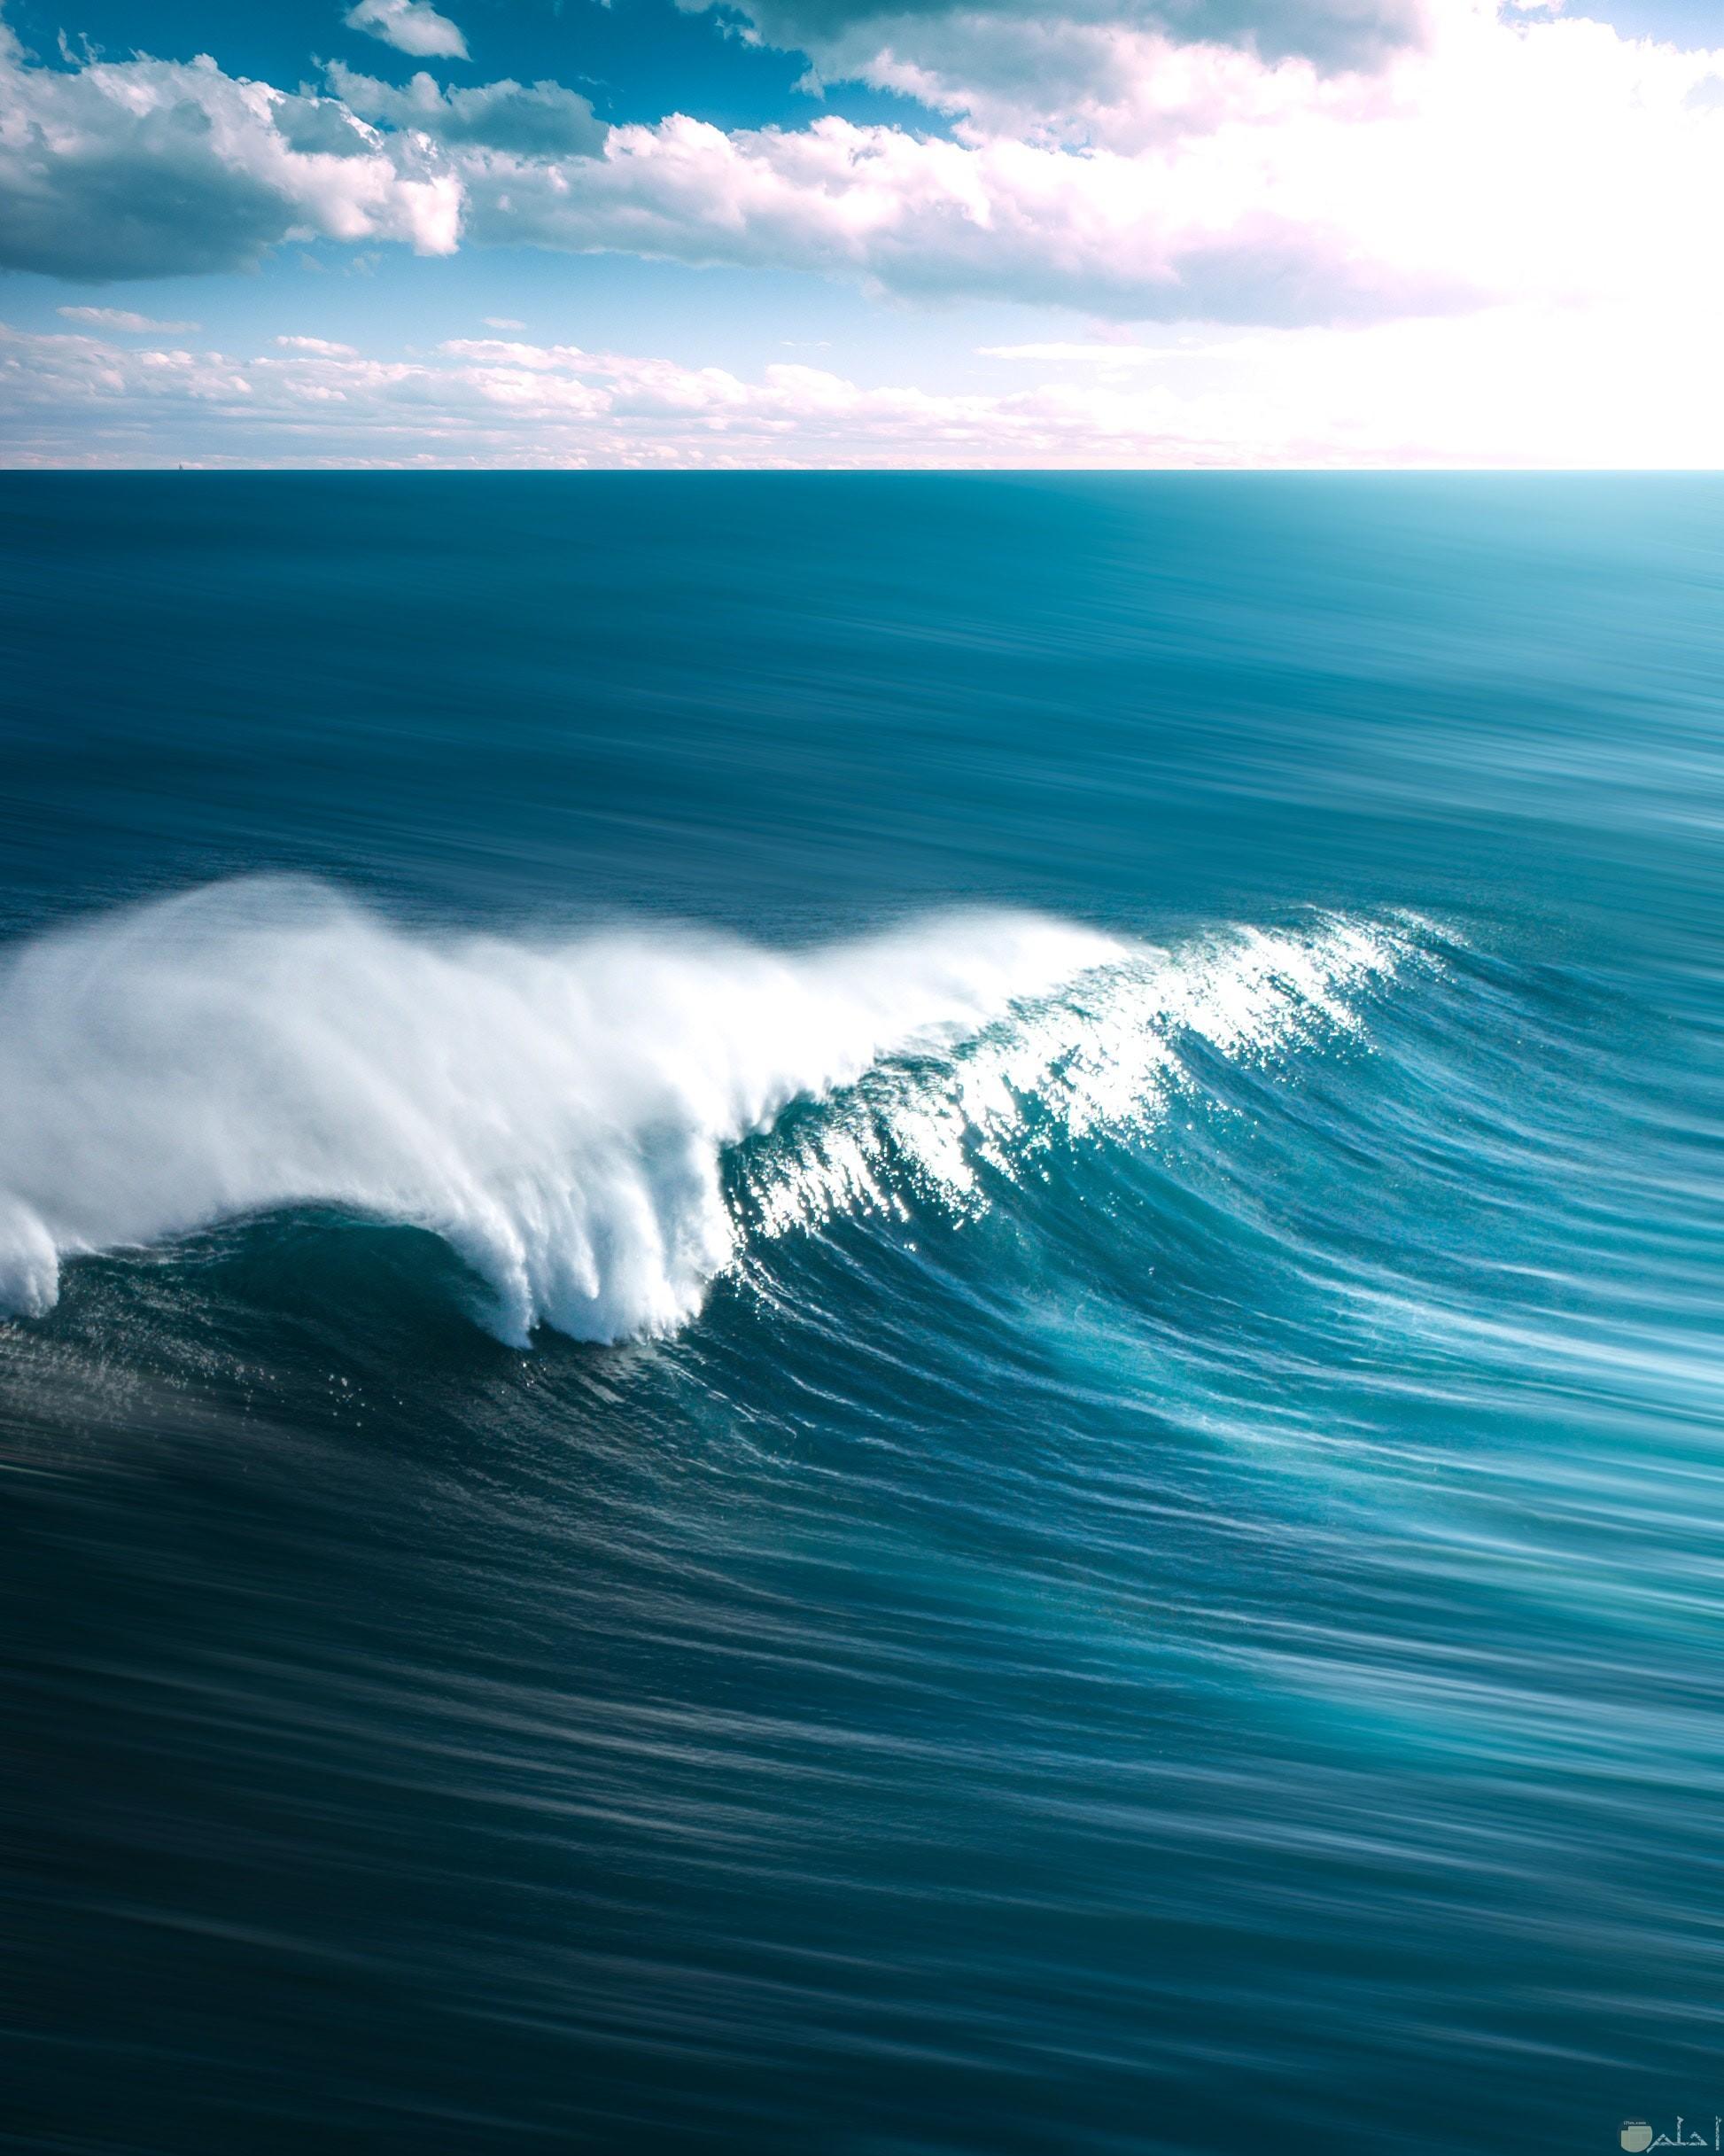 صورة مميزة ورائعة لموج البحر الجميل